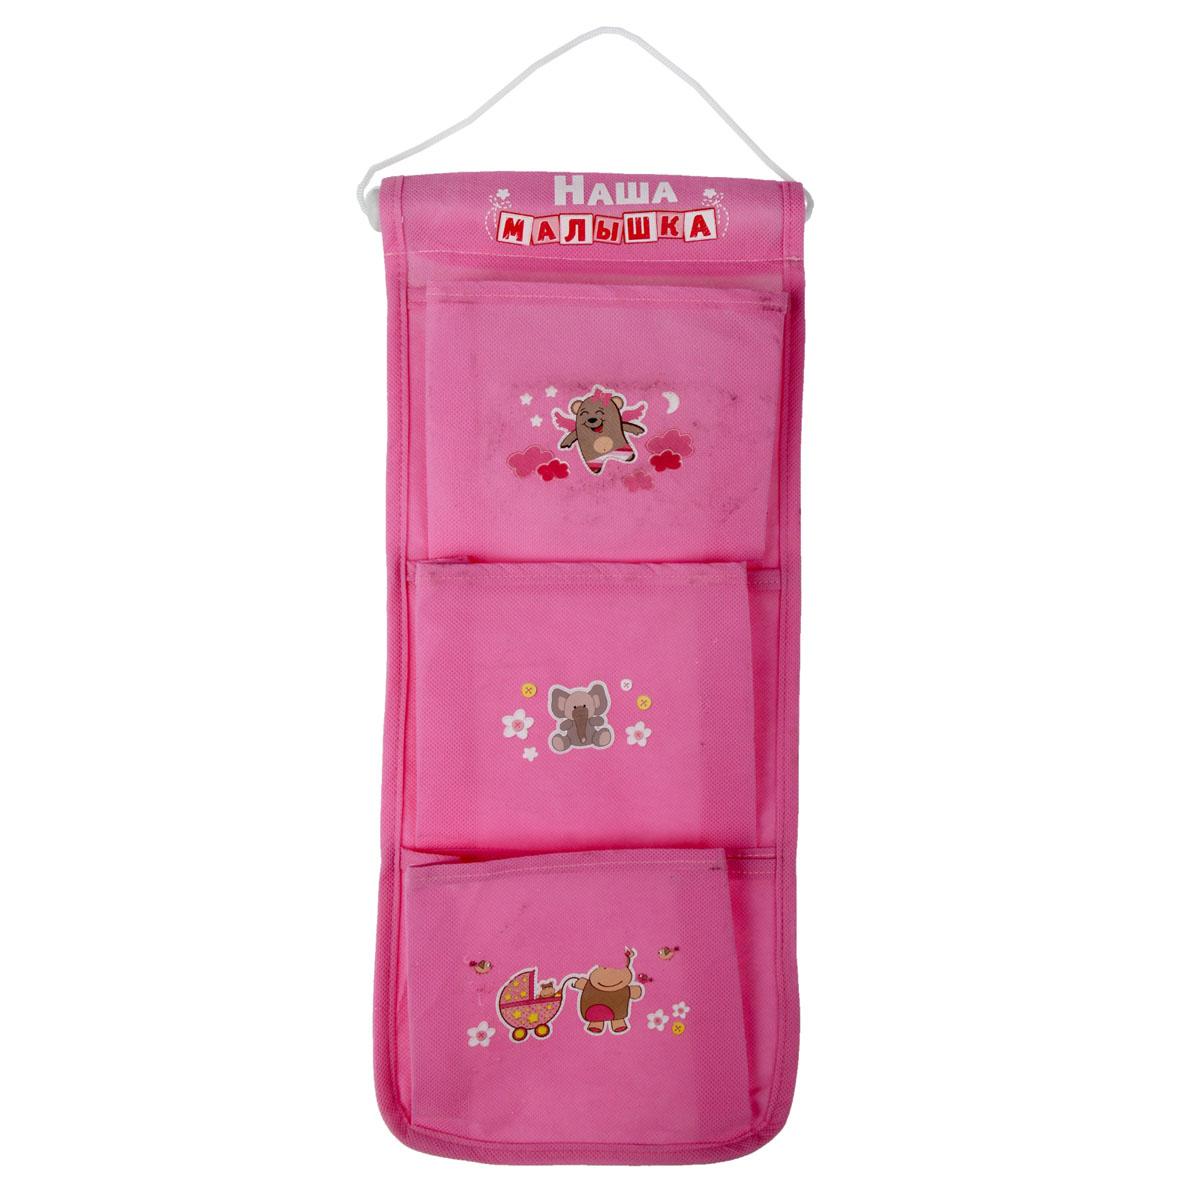 Кармашки на стену Sima-land Наша малышка, цвет: розовый, белый, красный, 3 шт838298Кармашки на стену Sima-land «Наша малышка», изготовленные из текстиля и пластика, предназначены для хранения необходимых вещей, множества мелочей в гардеробной, ванной, детской комнатах. Изделие представляет собой текстильное полотно с тремя пришитыми кармашками. Благодаря пластмассовой планке и шнурку, кармашки можно подвесить на стену или дверь в необходимом для вас месте. Кармашки декорированы изображениями забавных зверюшек и надписью «Наша малышка».Этот нужный предмет может стать одновременно и декоративным элементом комнаты. Яркий дизайн, как ничто иное, способен оживить интерьер вашего дома.